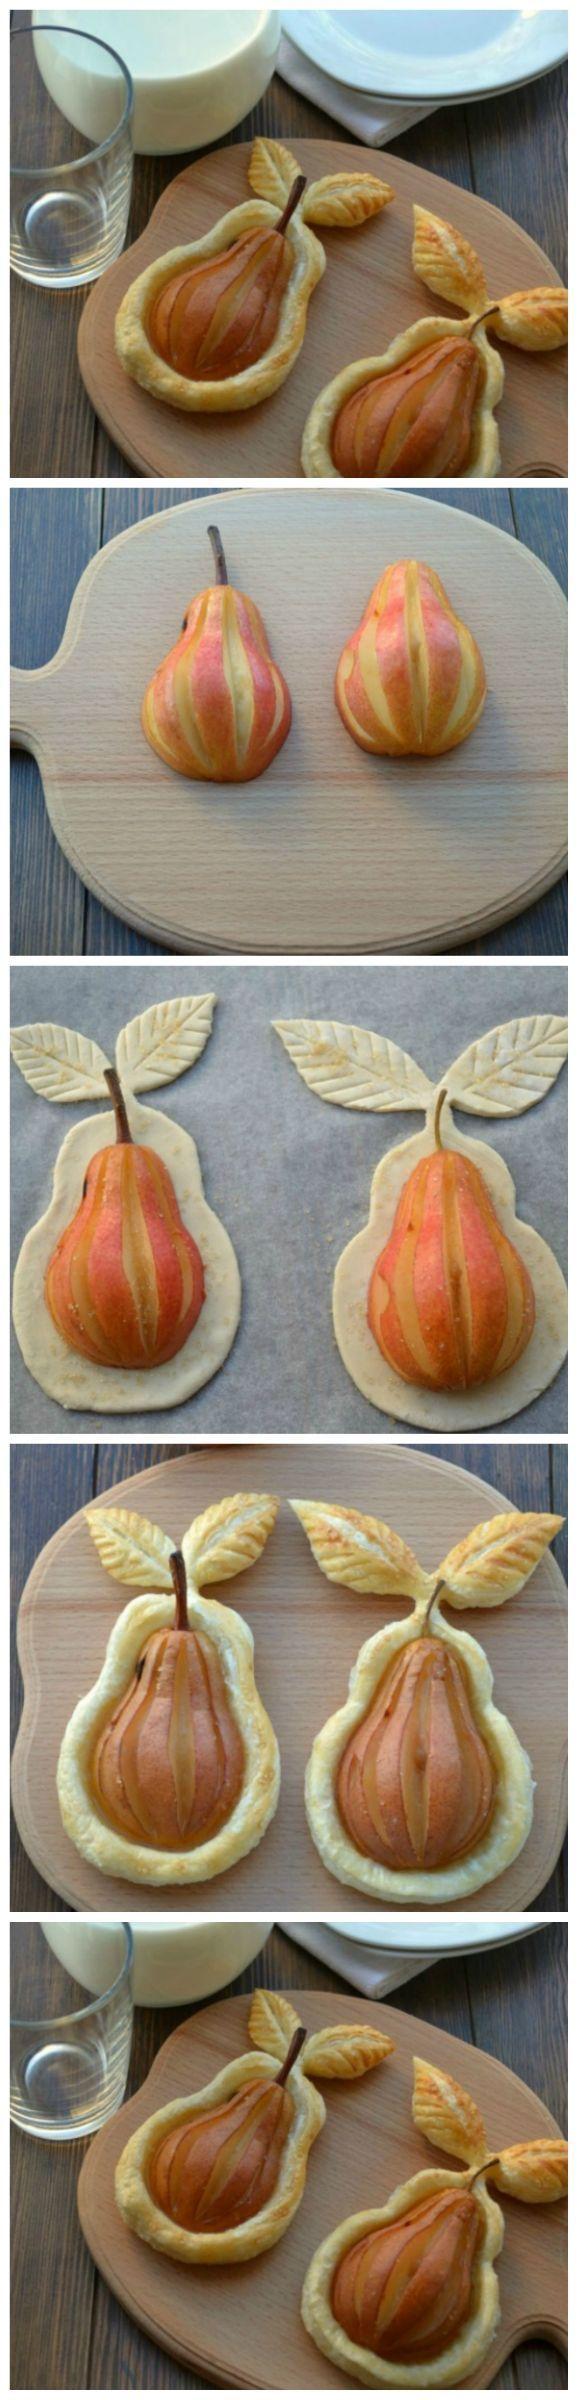 derHerbst kann kommen mit all seinen leckeren Früchtenwie Birnen und Äpfel - Pears in Puff Pastry